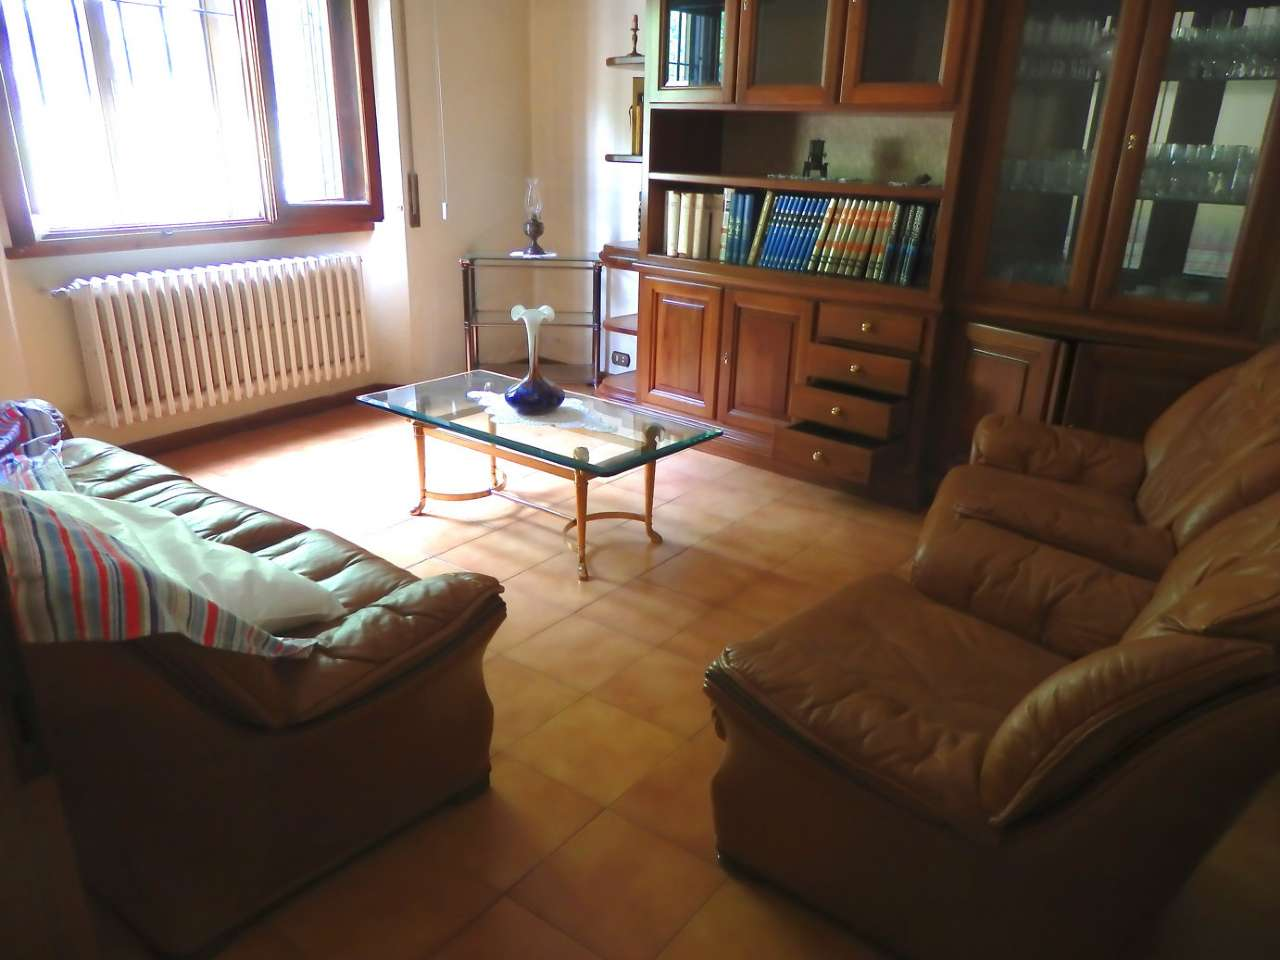 Soluzione Indipendente in vendita a Cantagallo, 9999 locali, prezzo € 258.000 | CambioCasa.it